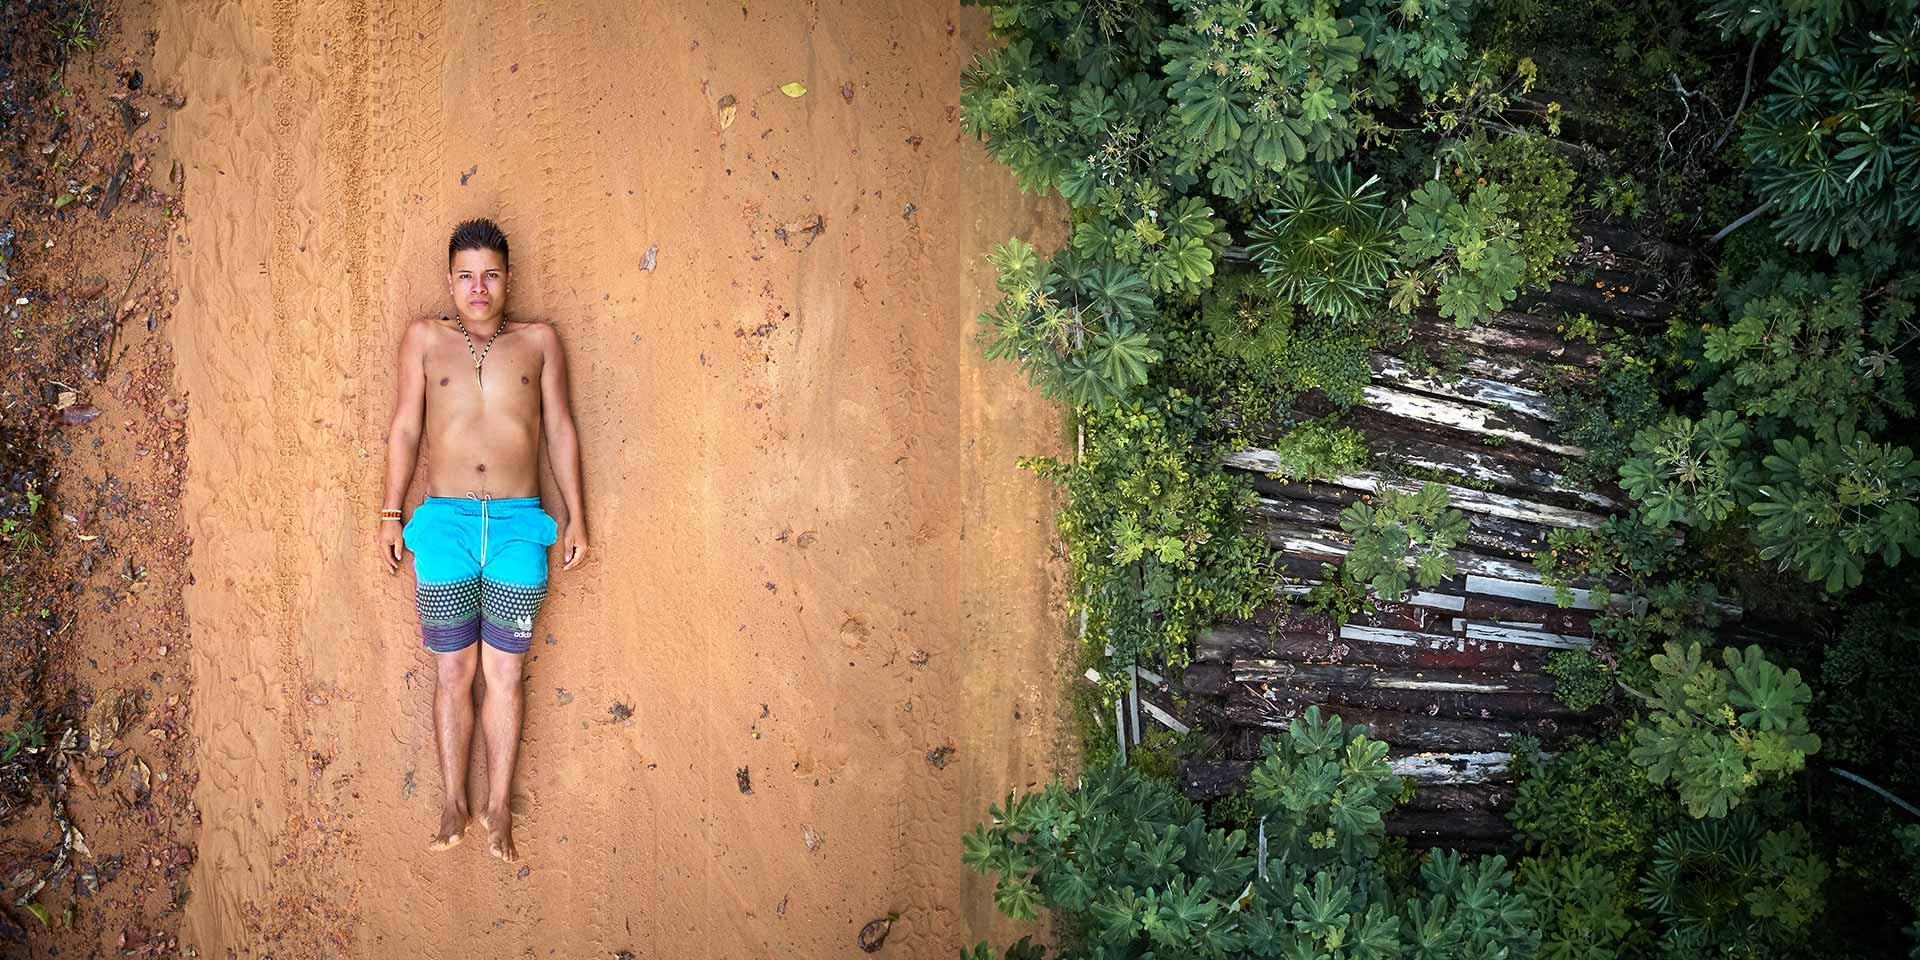 Persona sdraiata a terra accanto ad una foresta